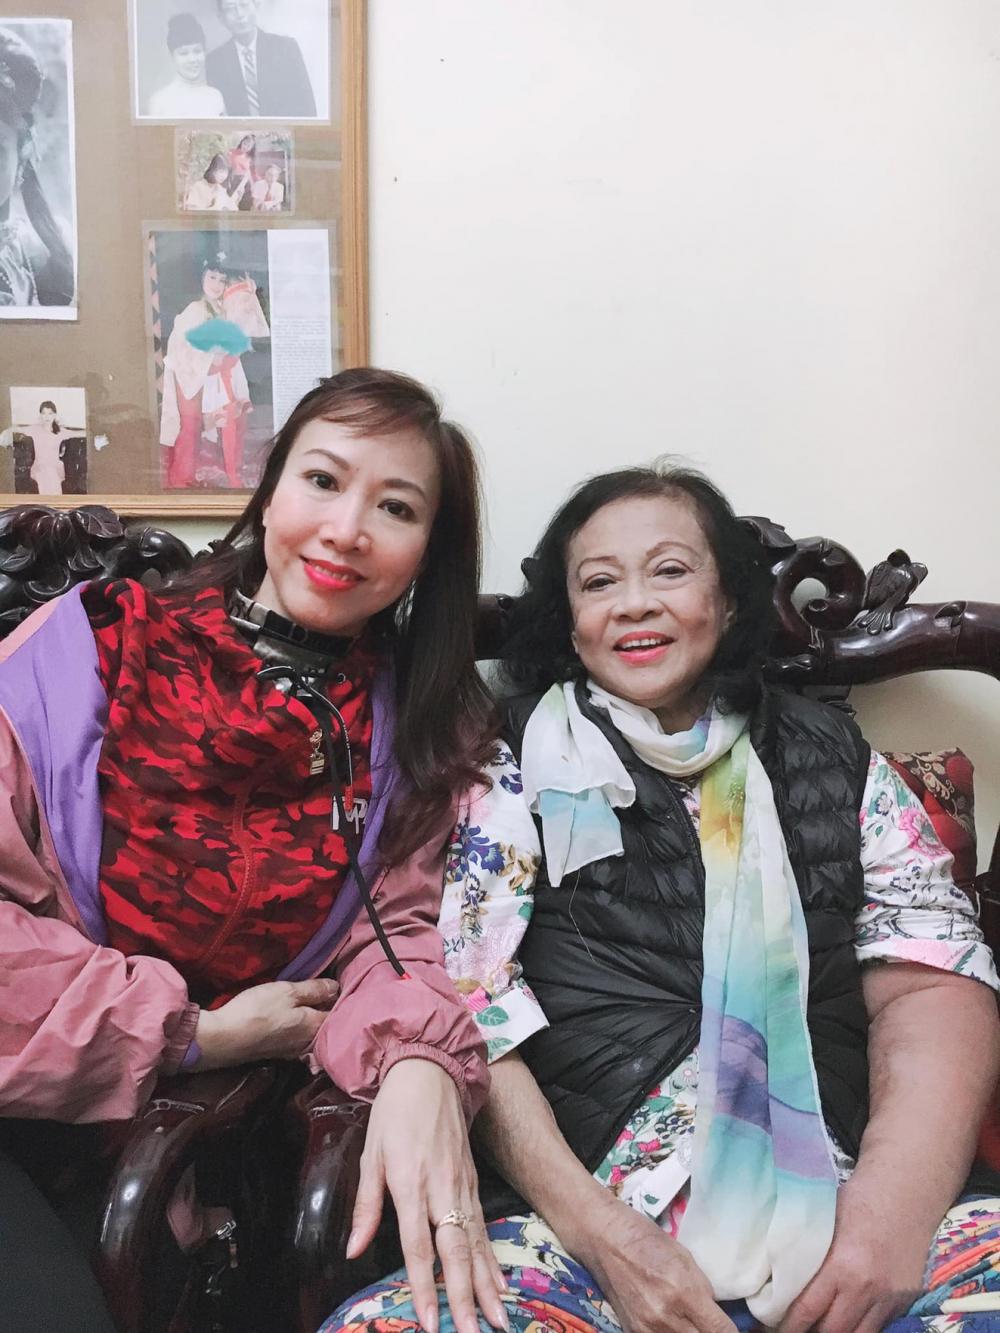 NSND Đàm Liên trên giường bệnh và NSƯT Kiều Oanh, người học trò yêu quý mà bà đã dành nhiều tâm huyết truyền nghề